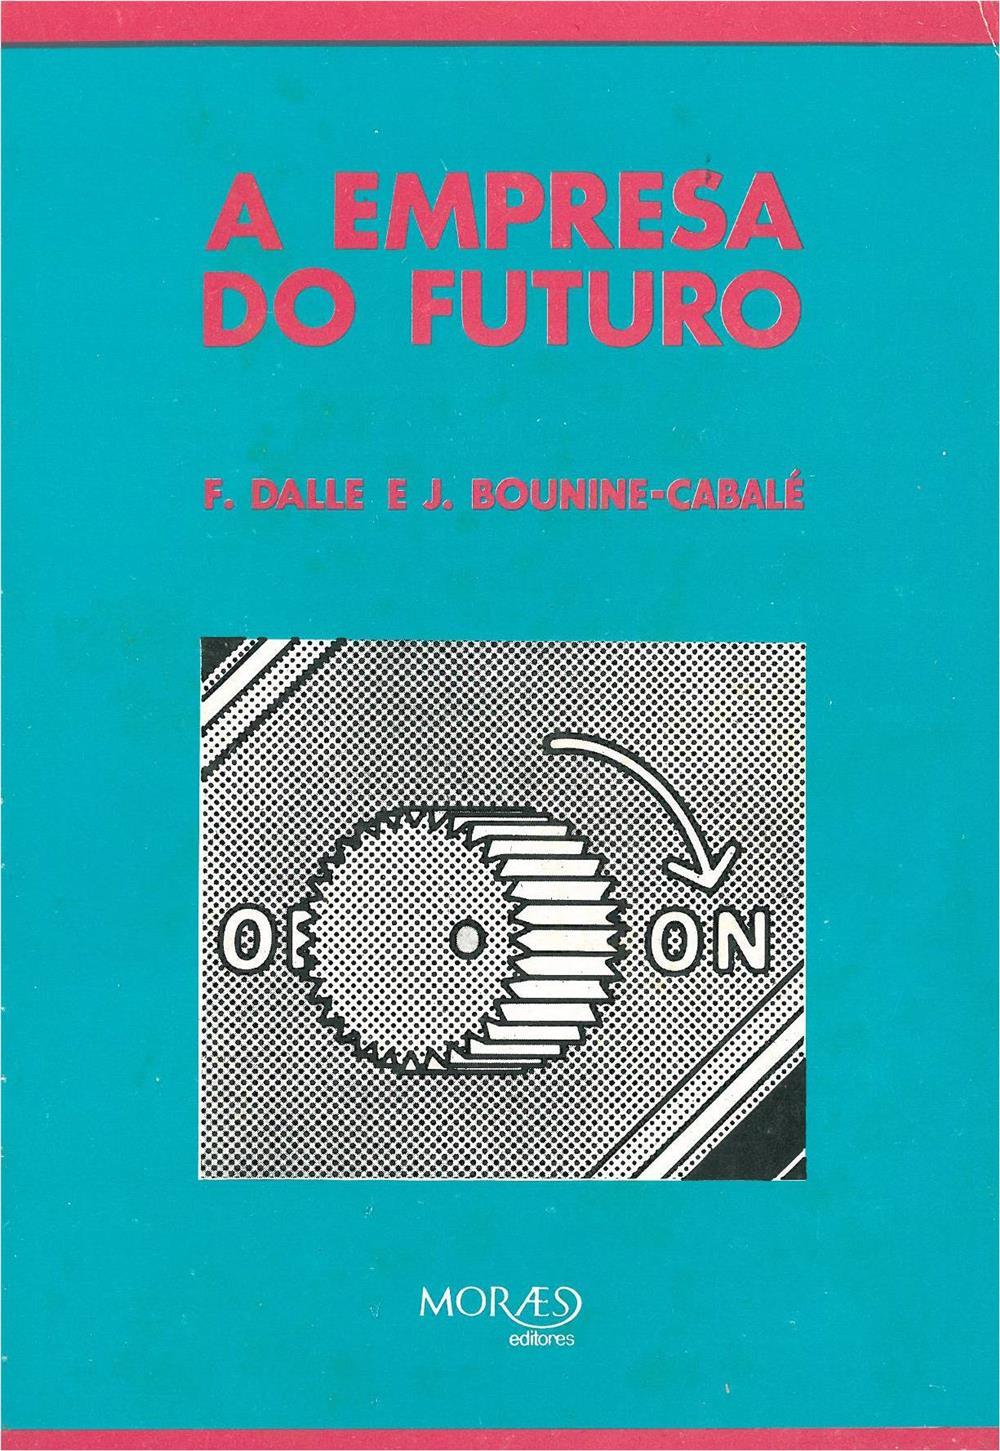 A empresa do futuro_.jpg